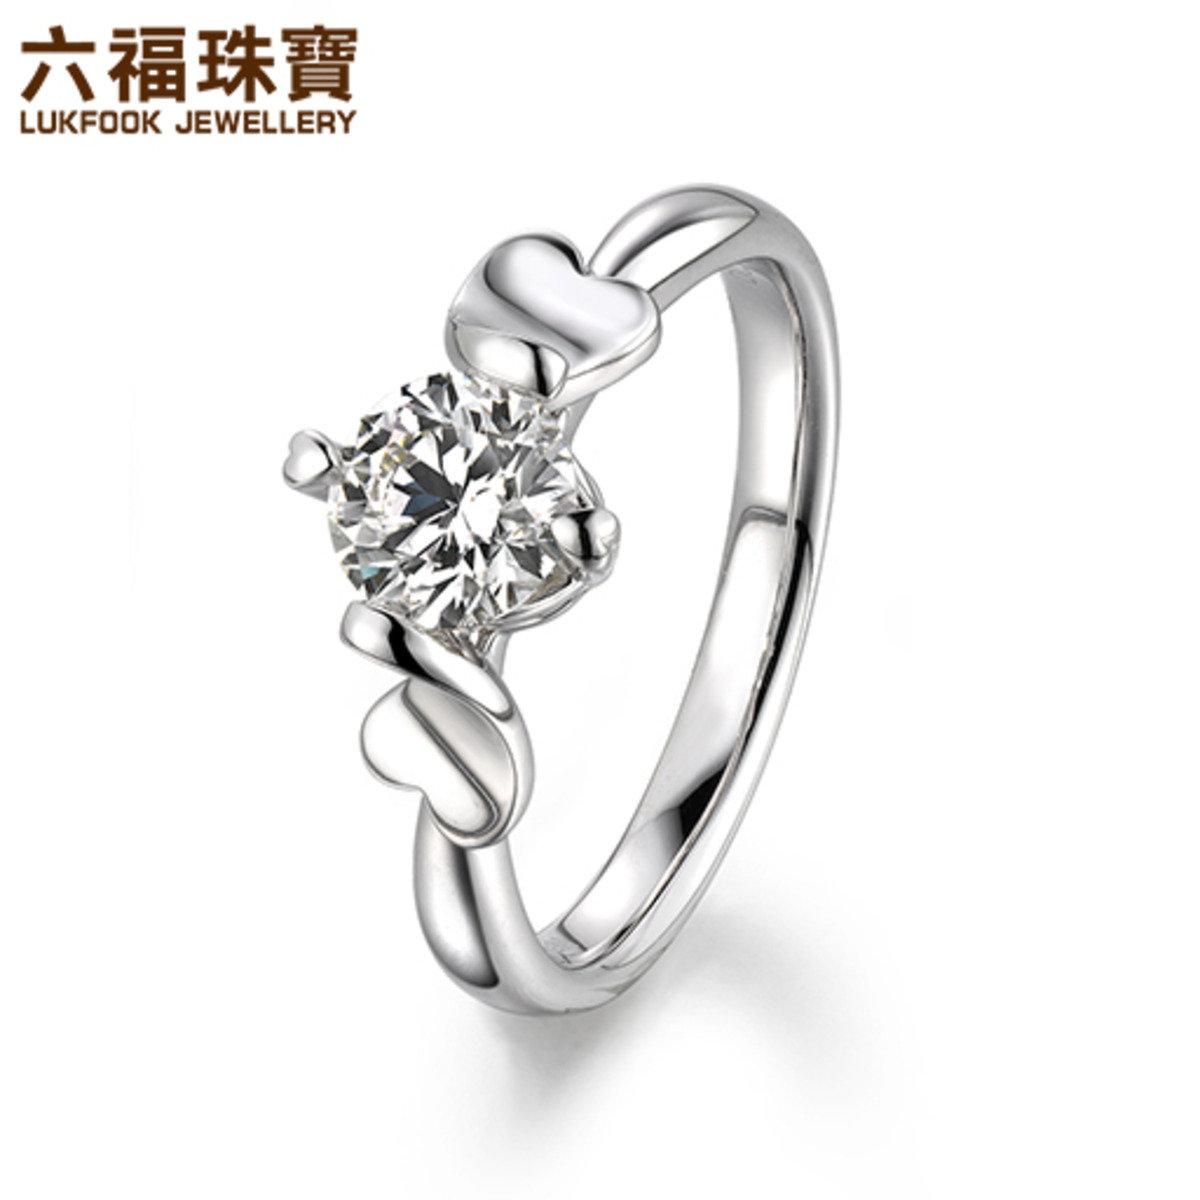 愛很美  女裝 18K/750金(白色)鑲單鑽石戒指